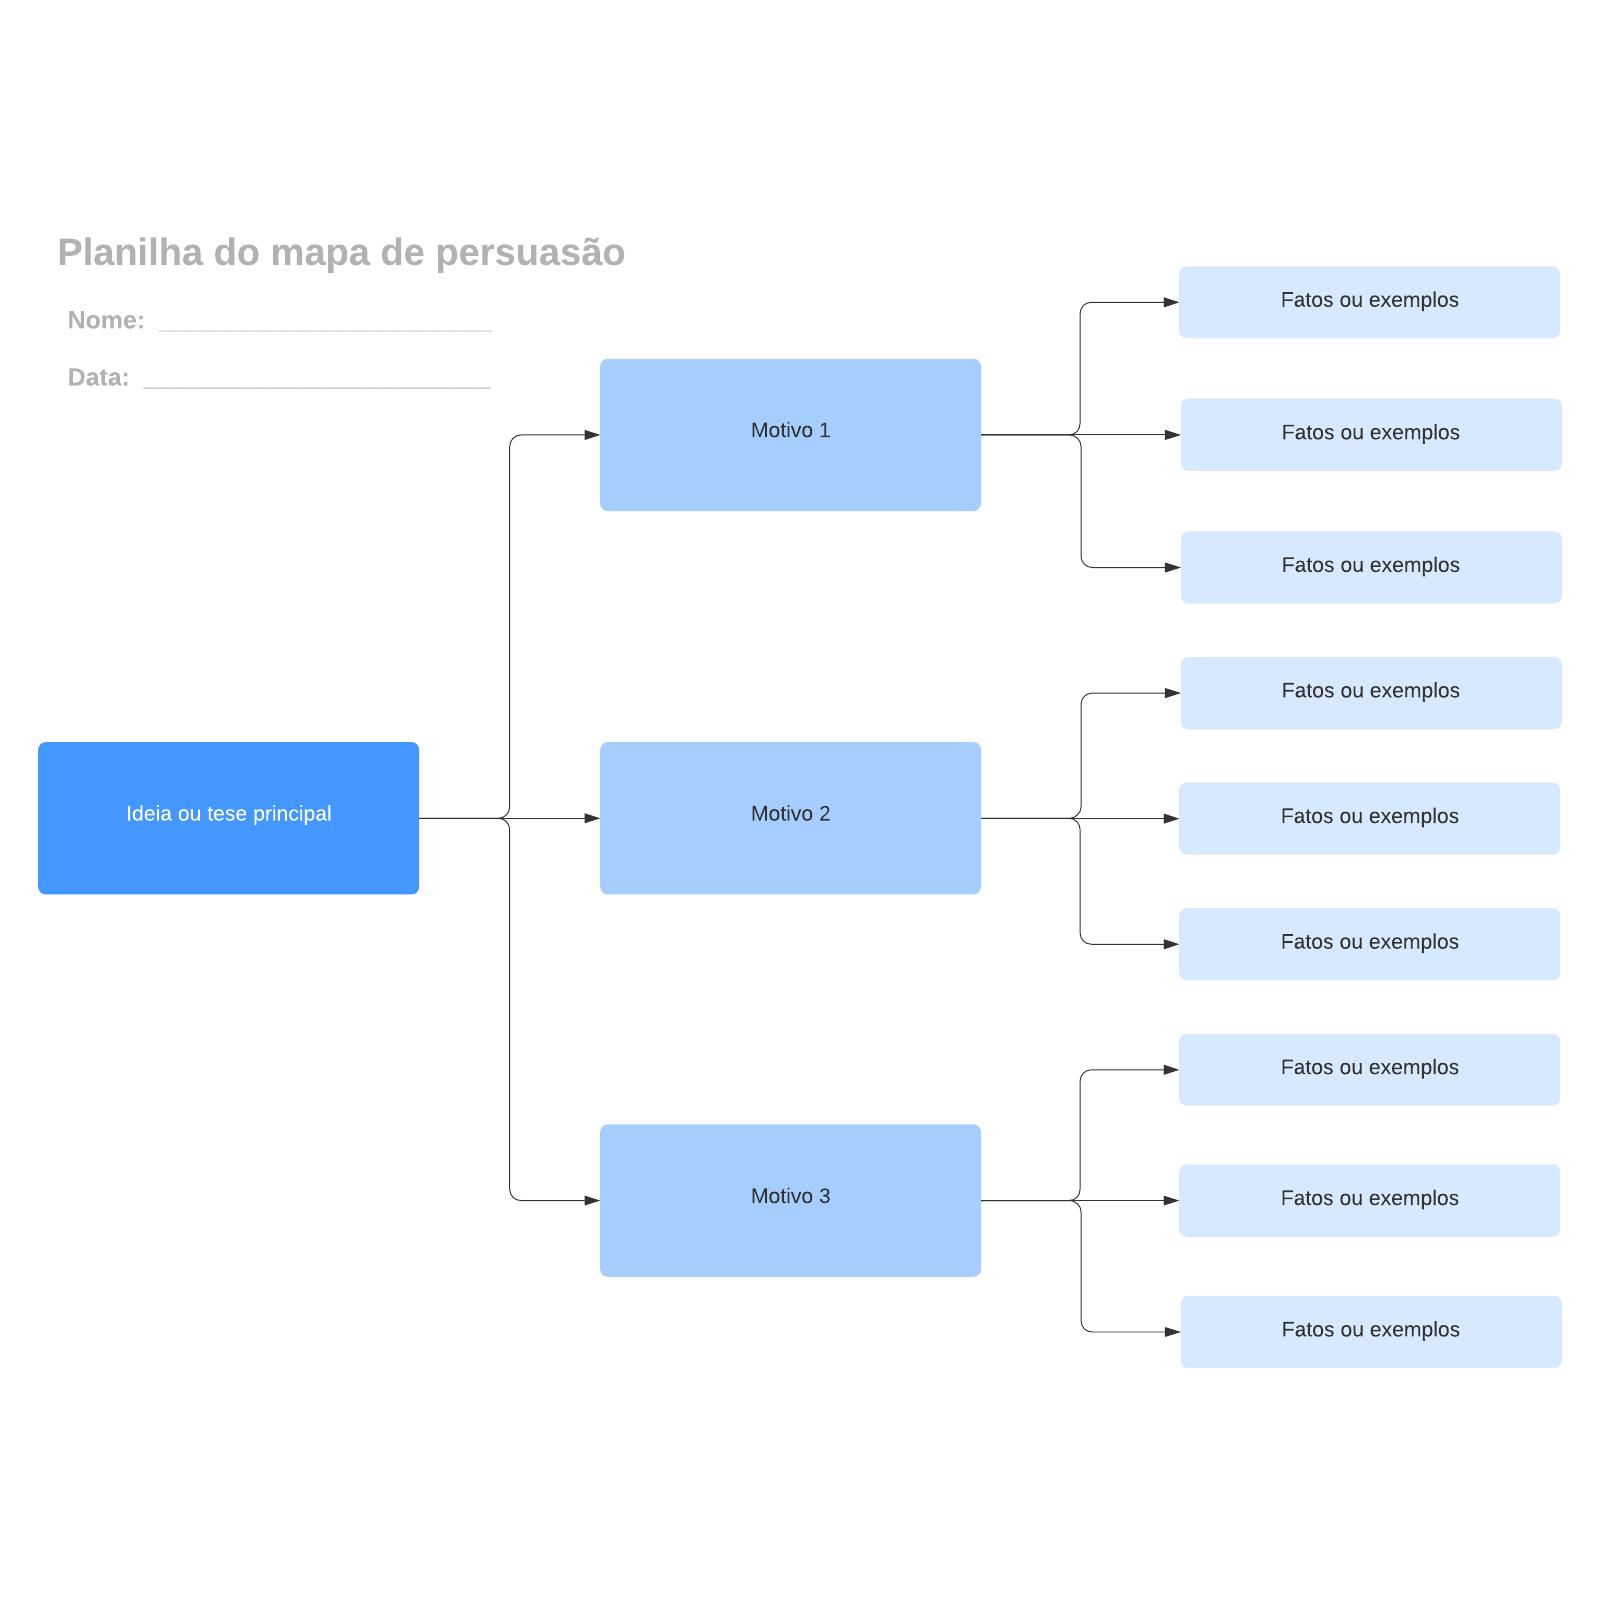 Planilha do mapa de persuasão